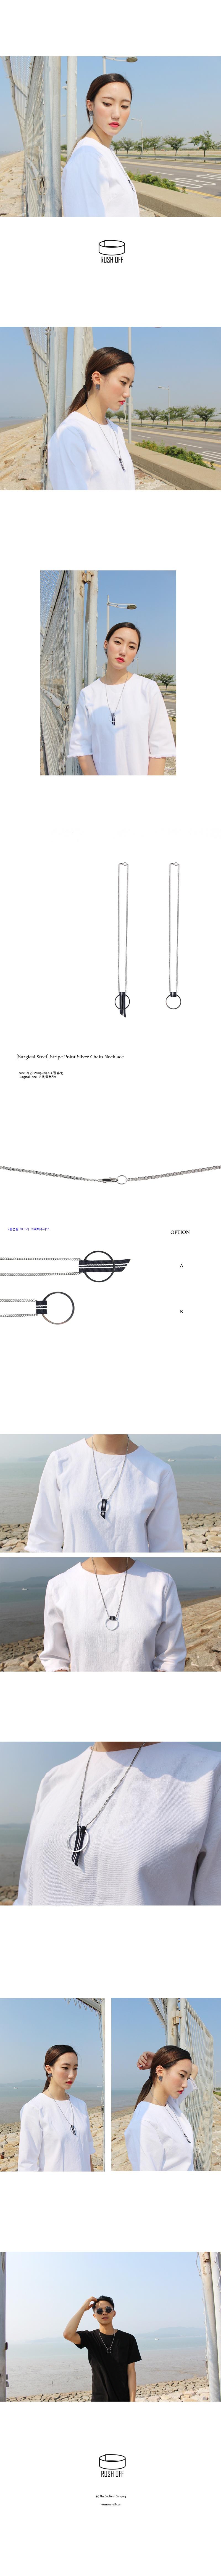 써지컬스틸 스트라이프 포인트 체인 체인목걸이 - 러쉬오프, 15,900원, 실버, 펜던트목걸이